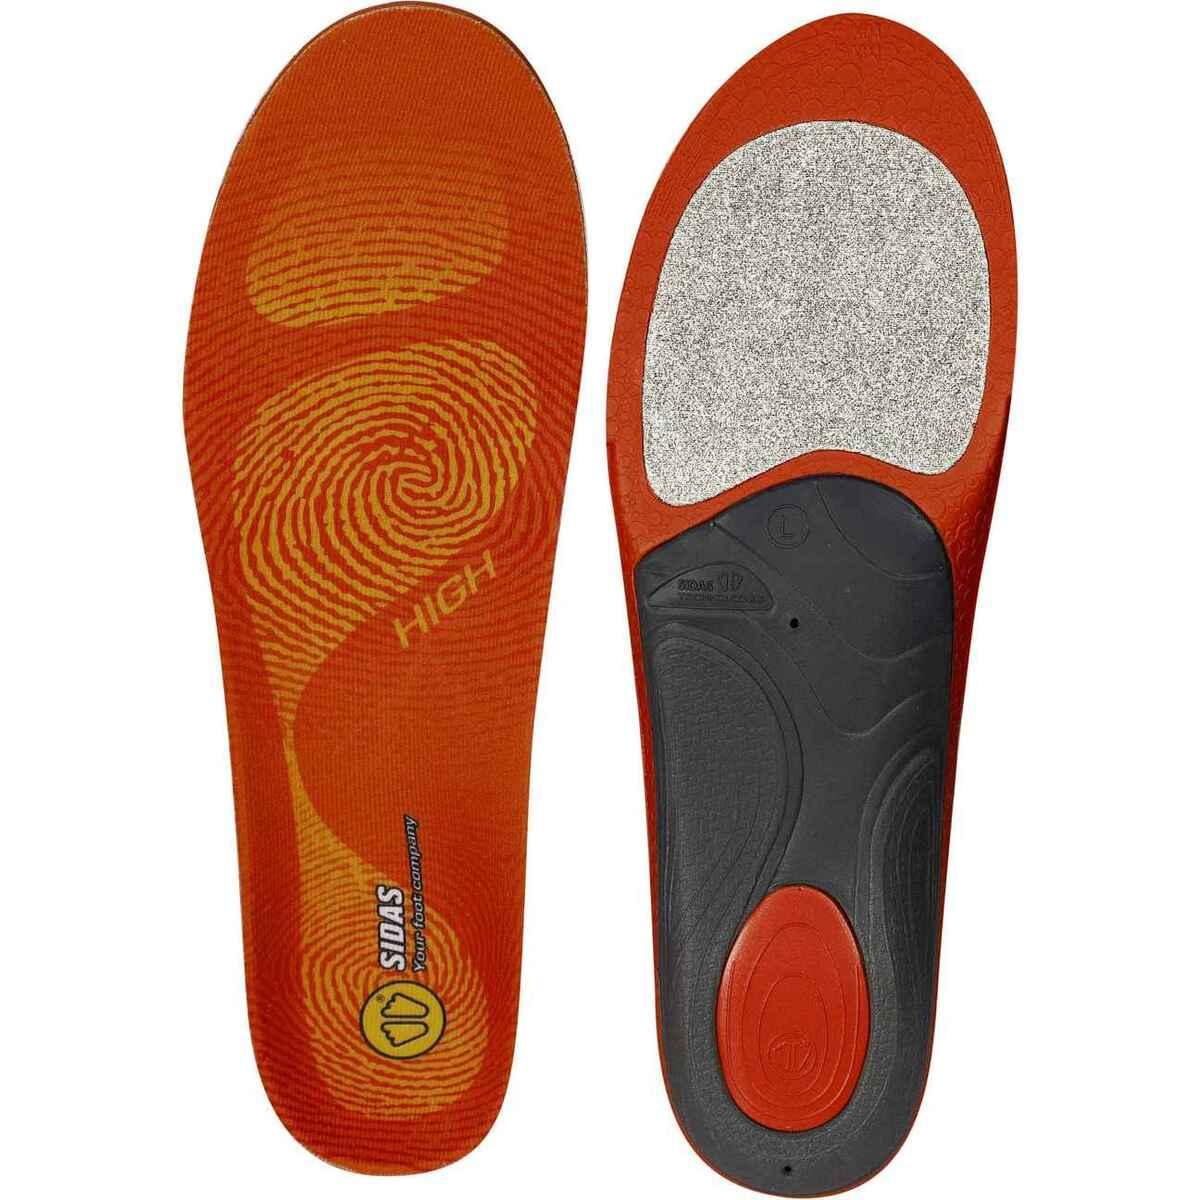 Bild 1 von Skischuhe Einlegesohlen starke Fußwölbungen